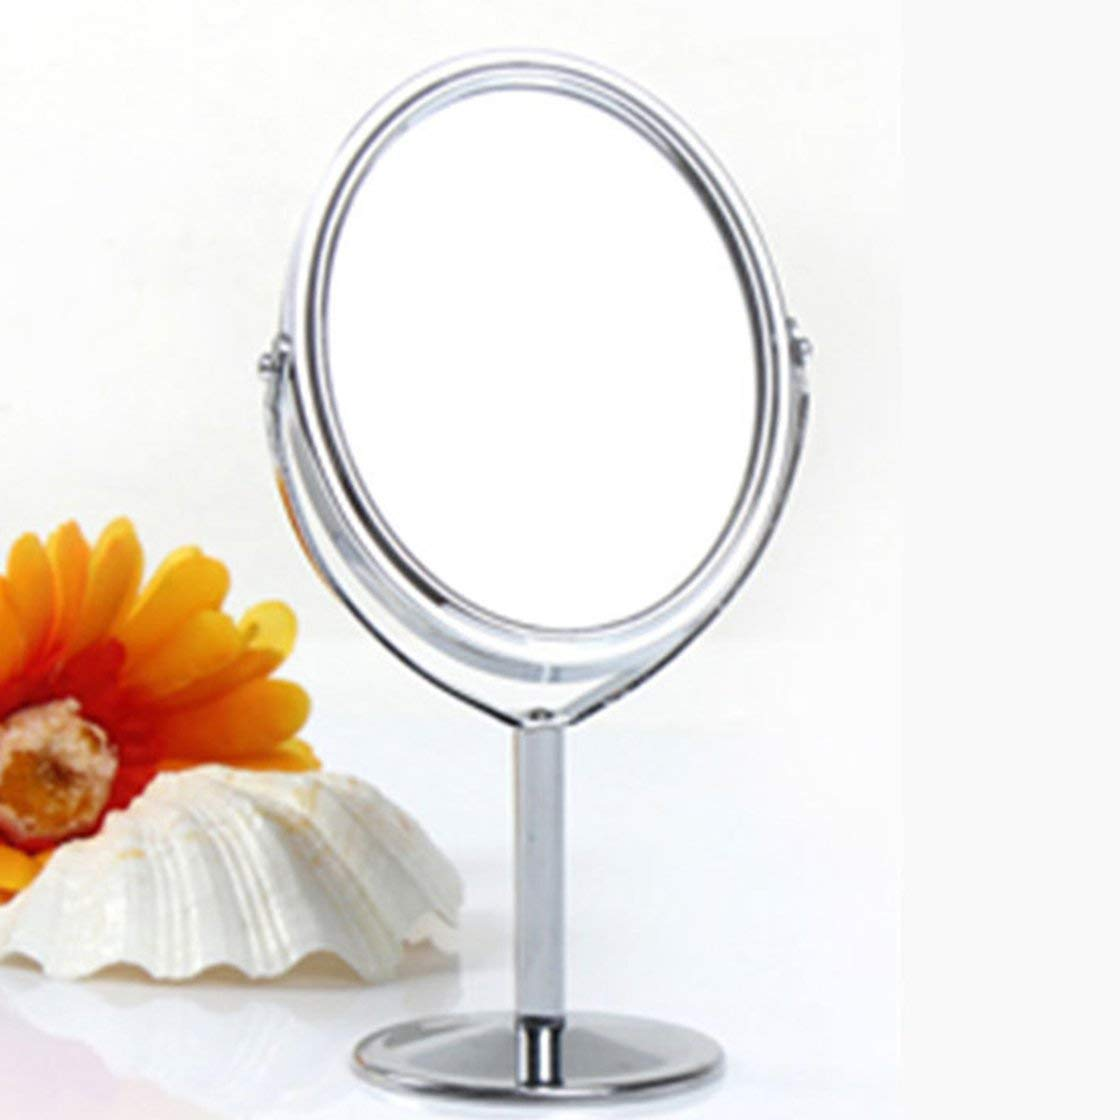 Gwendoll 828t Espejo de Metal Coreano Espejo de Maquillaje Espejo de tocador Espejo Giratorio de Escritorio Funci/ón de Aumento 1 2 Espejo de Maquillaje